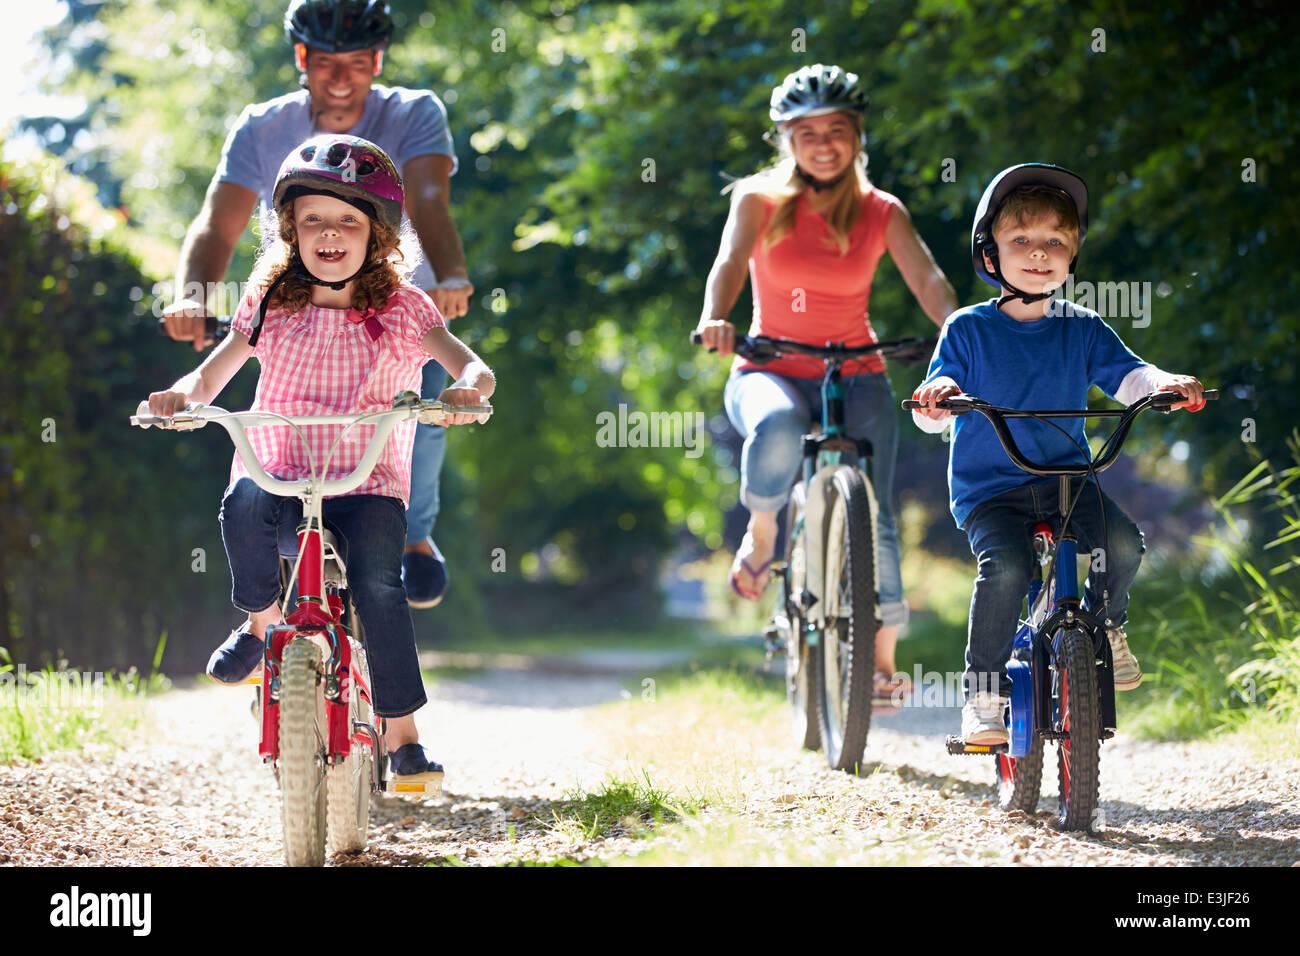 Sur la famille Balade en vélo dans la campagne Photo Stock